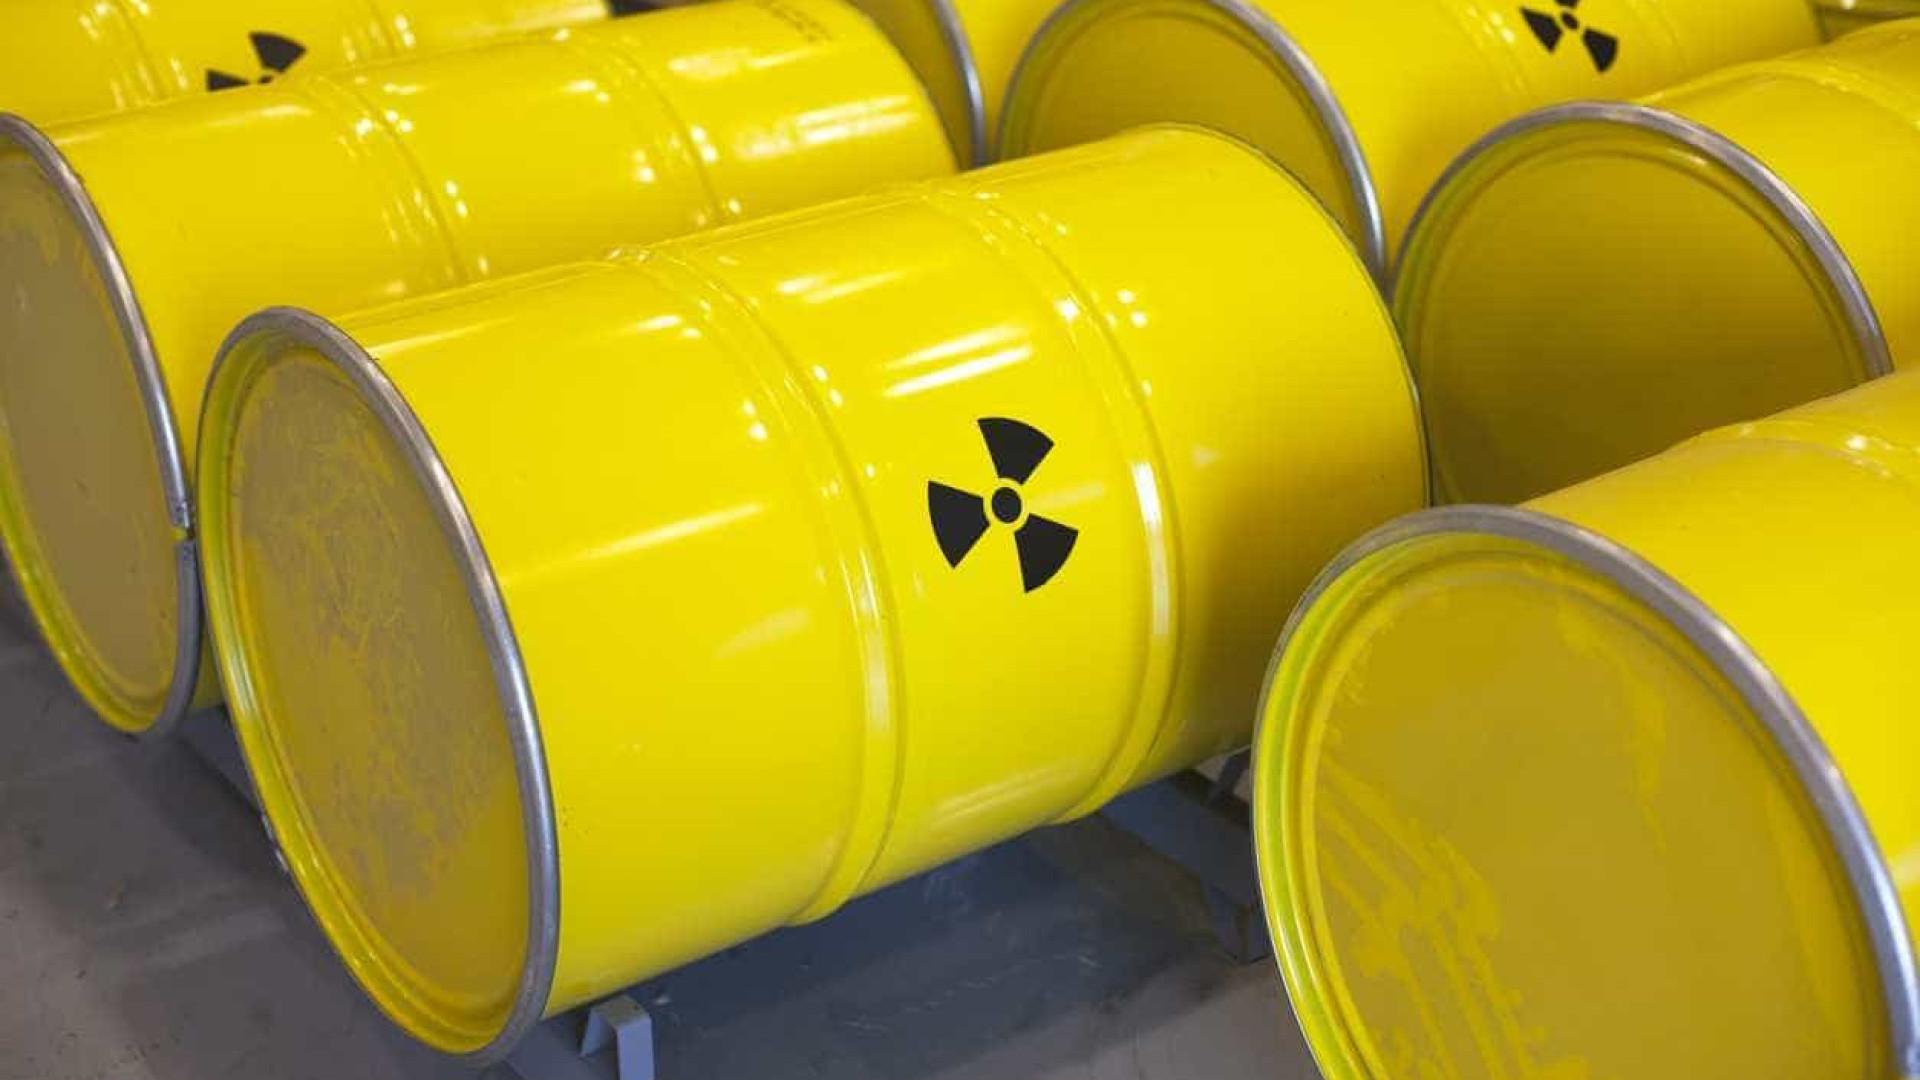 Bruxelas investiga mina de urânio espanhola perto de Portugal